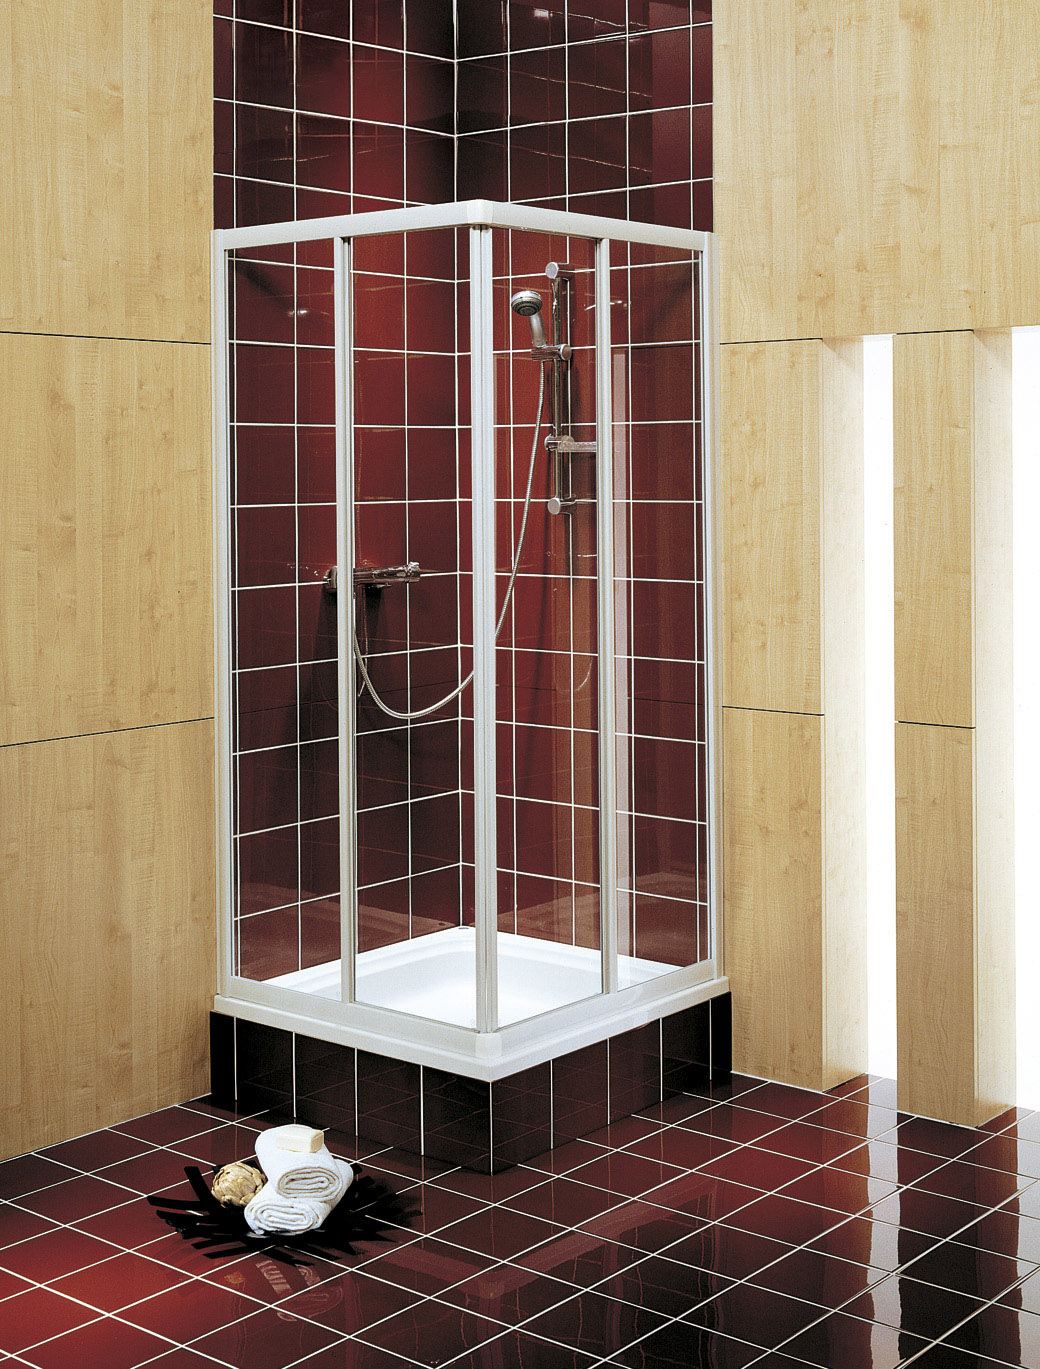 sprchové kouty KOLO AKORD RKDK90222 90x90